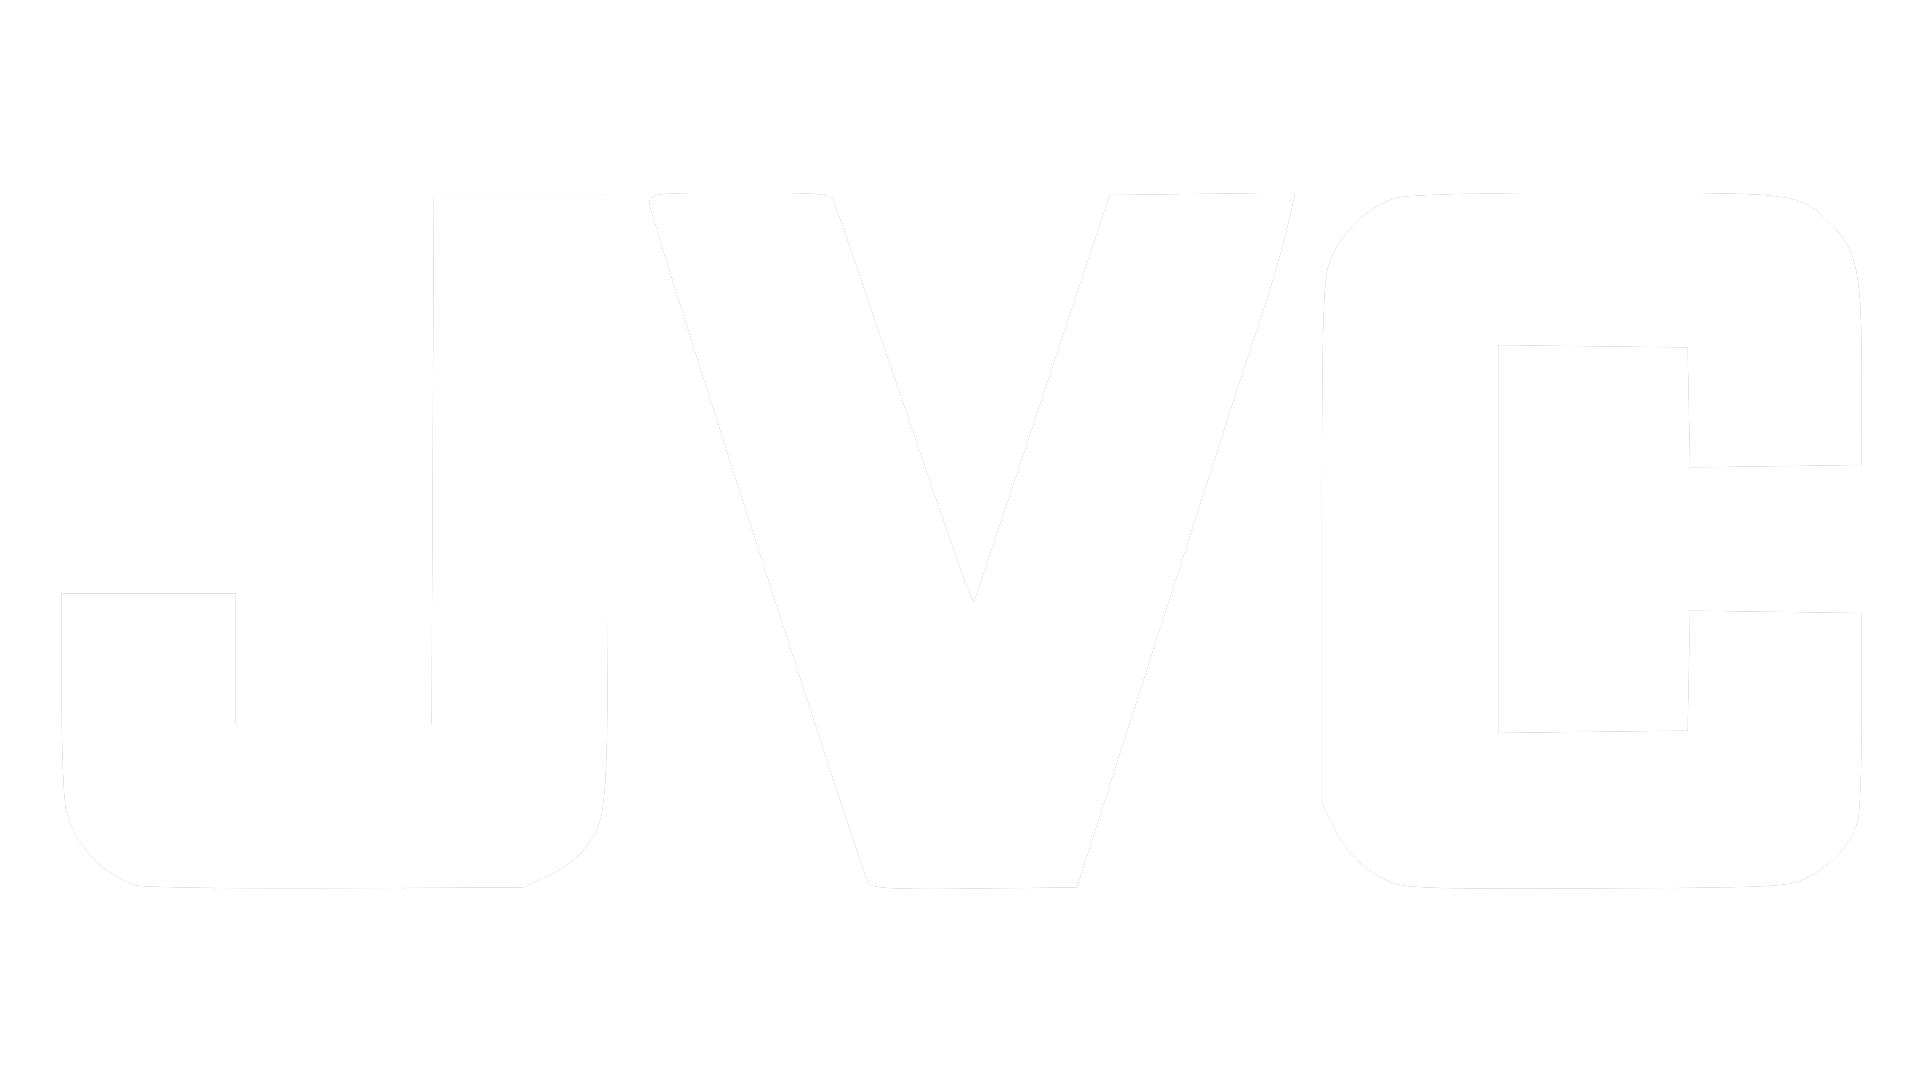 JVC-emblem_logo